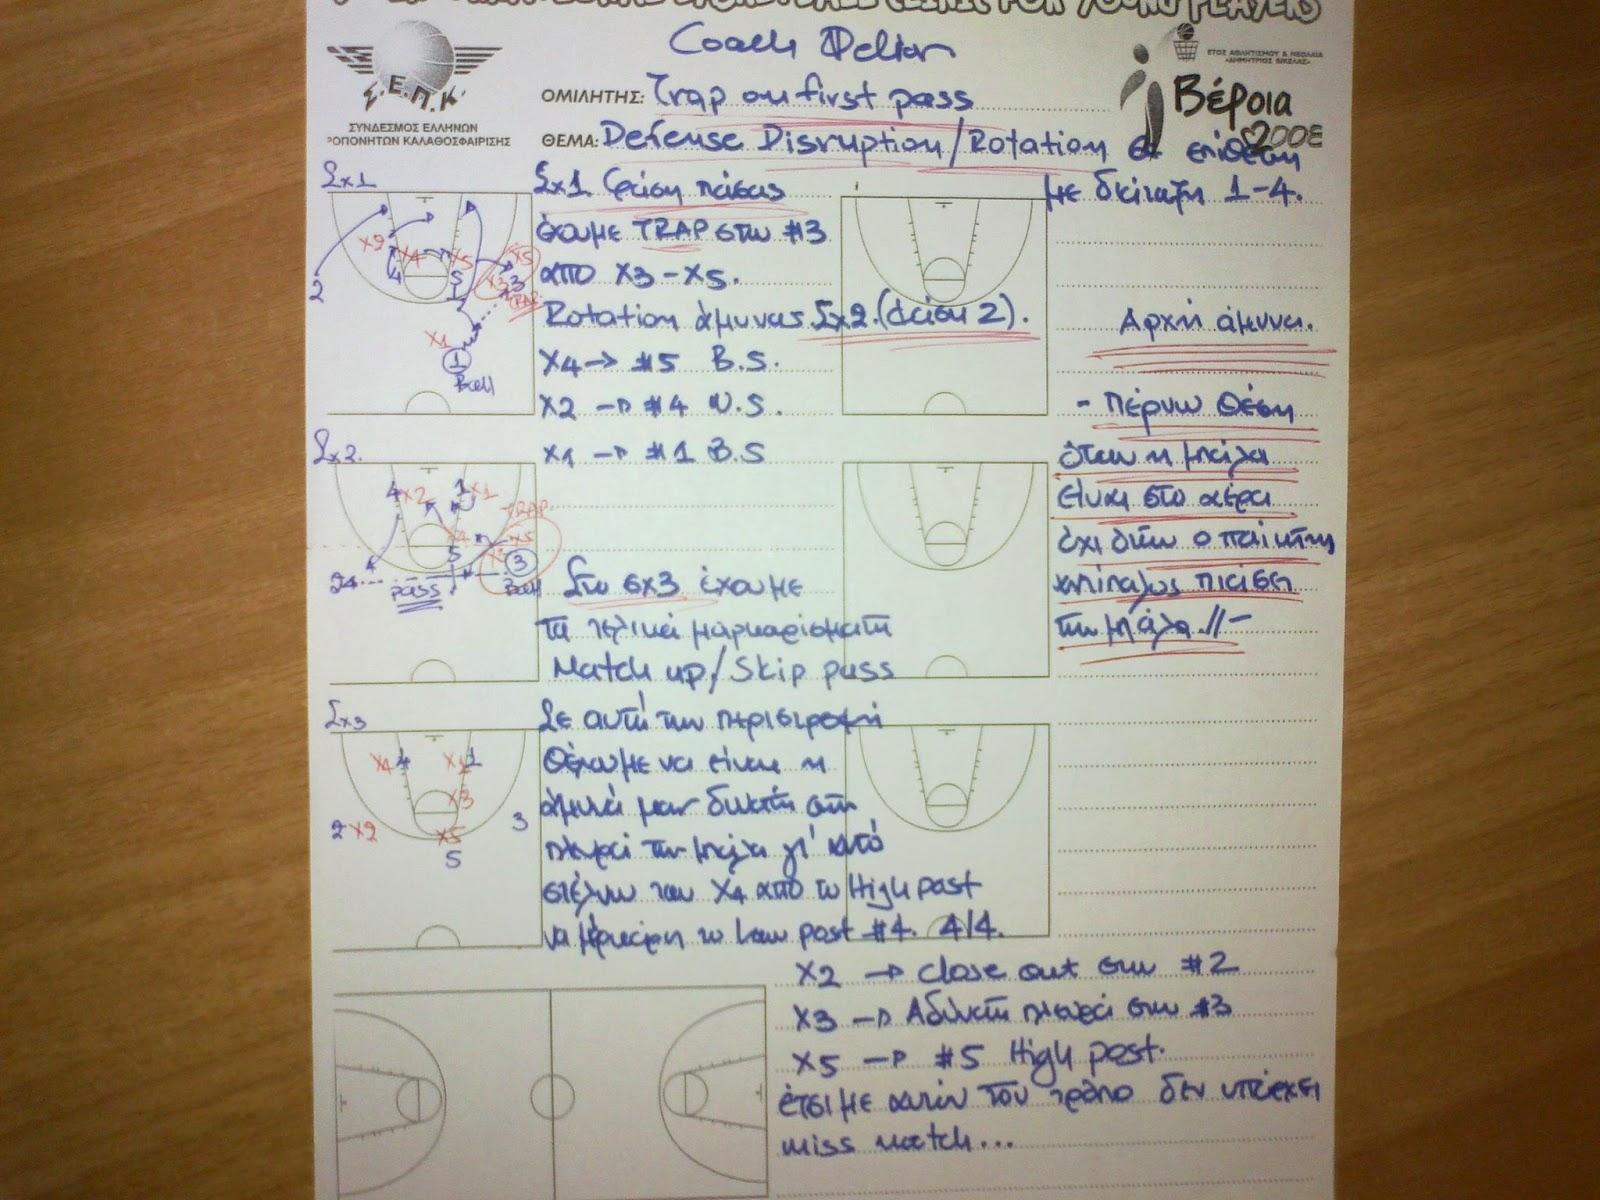 Παγίδα στην 1η πάσα / περιστροφή Trap on first pass / Defense Distription / rotation εναντίον επίθεσης 1-4 UCLA ...